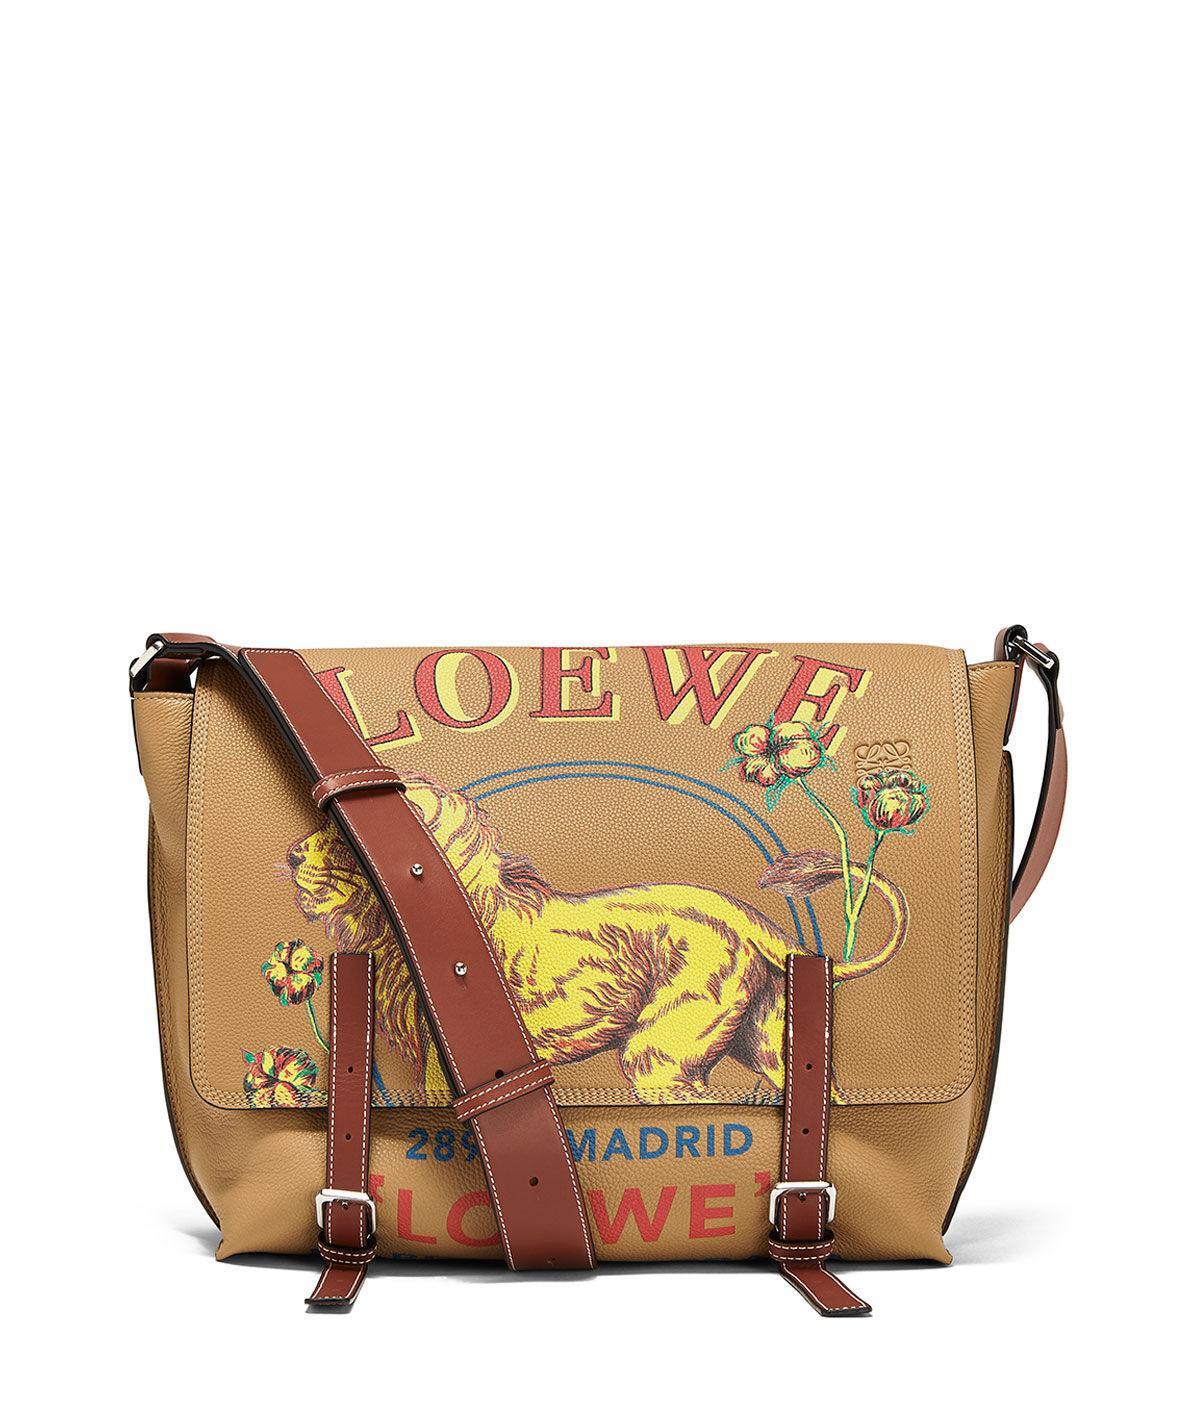 LOEWE Military Messenger Lion Bag Desert all